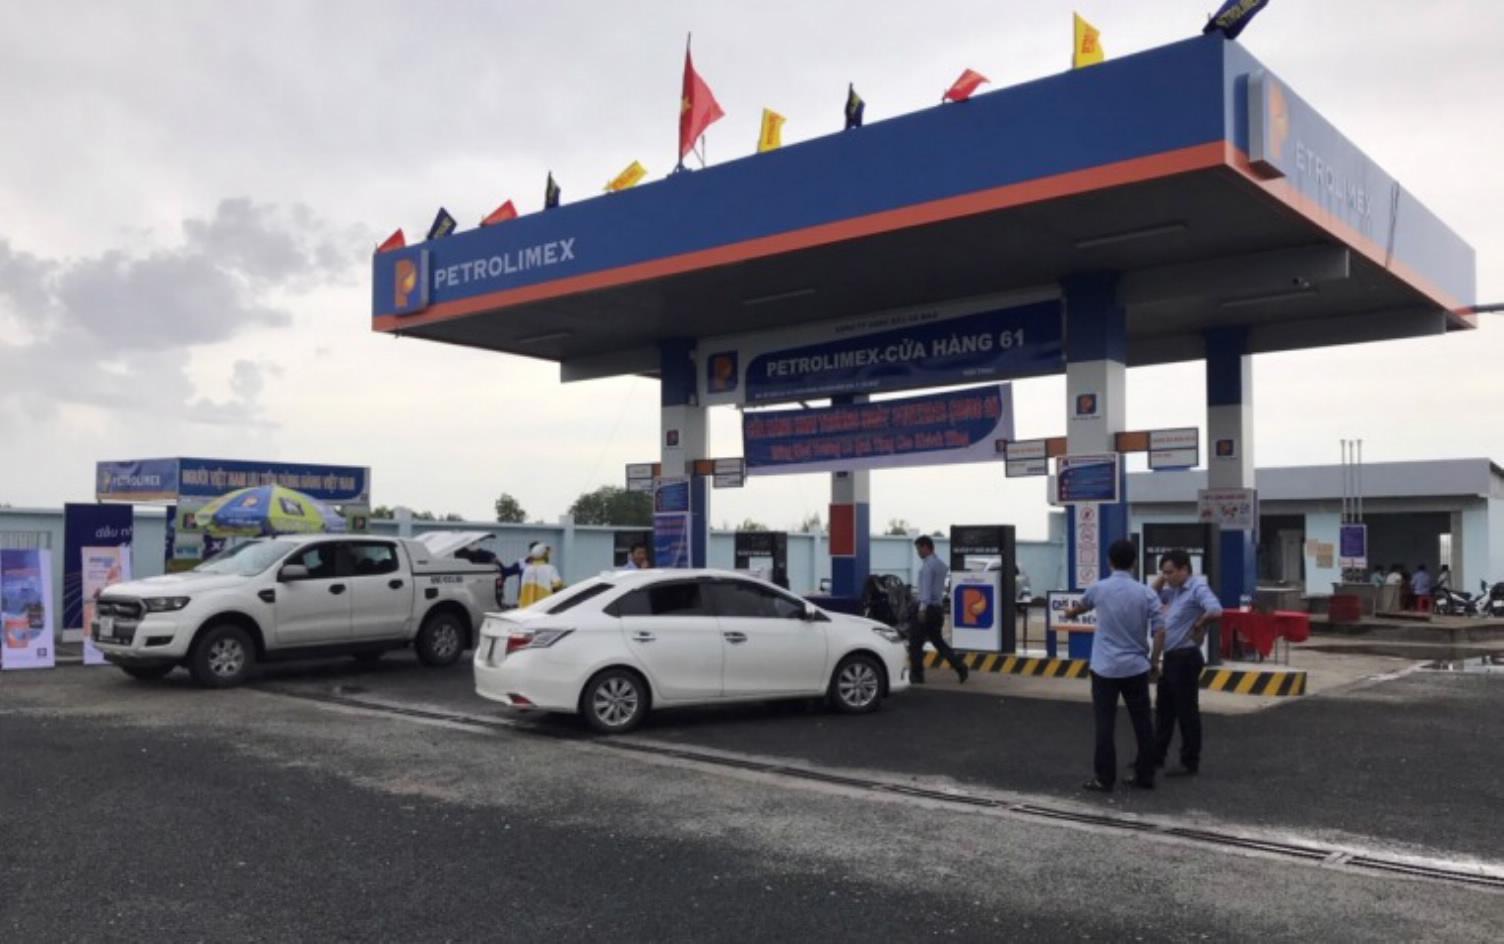 Quỹ bình ổn giá xăng dầu đang dư gần 2.800 tỷ đồng-1